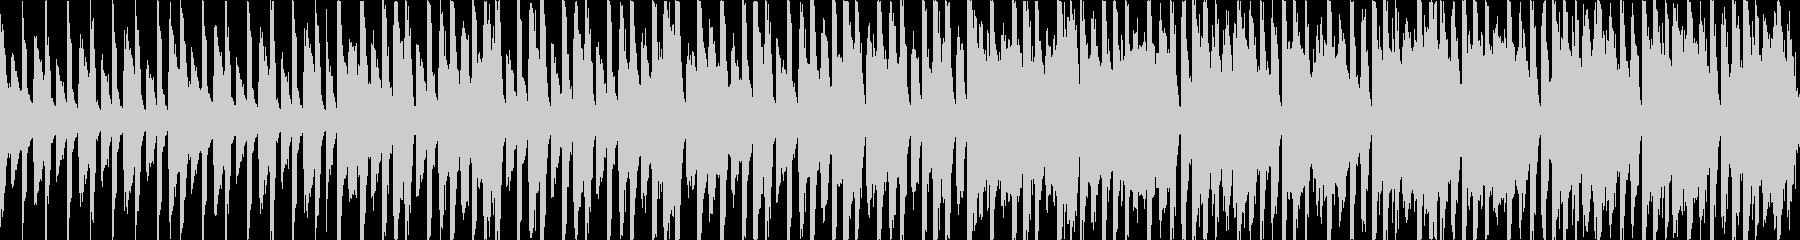 【ループ】ワクワク楽しい雰囲気の軽快なBの未再生の波形